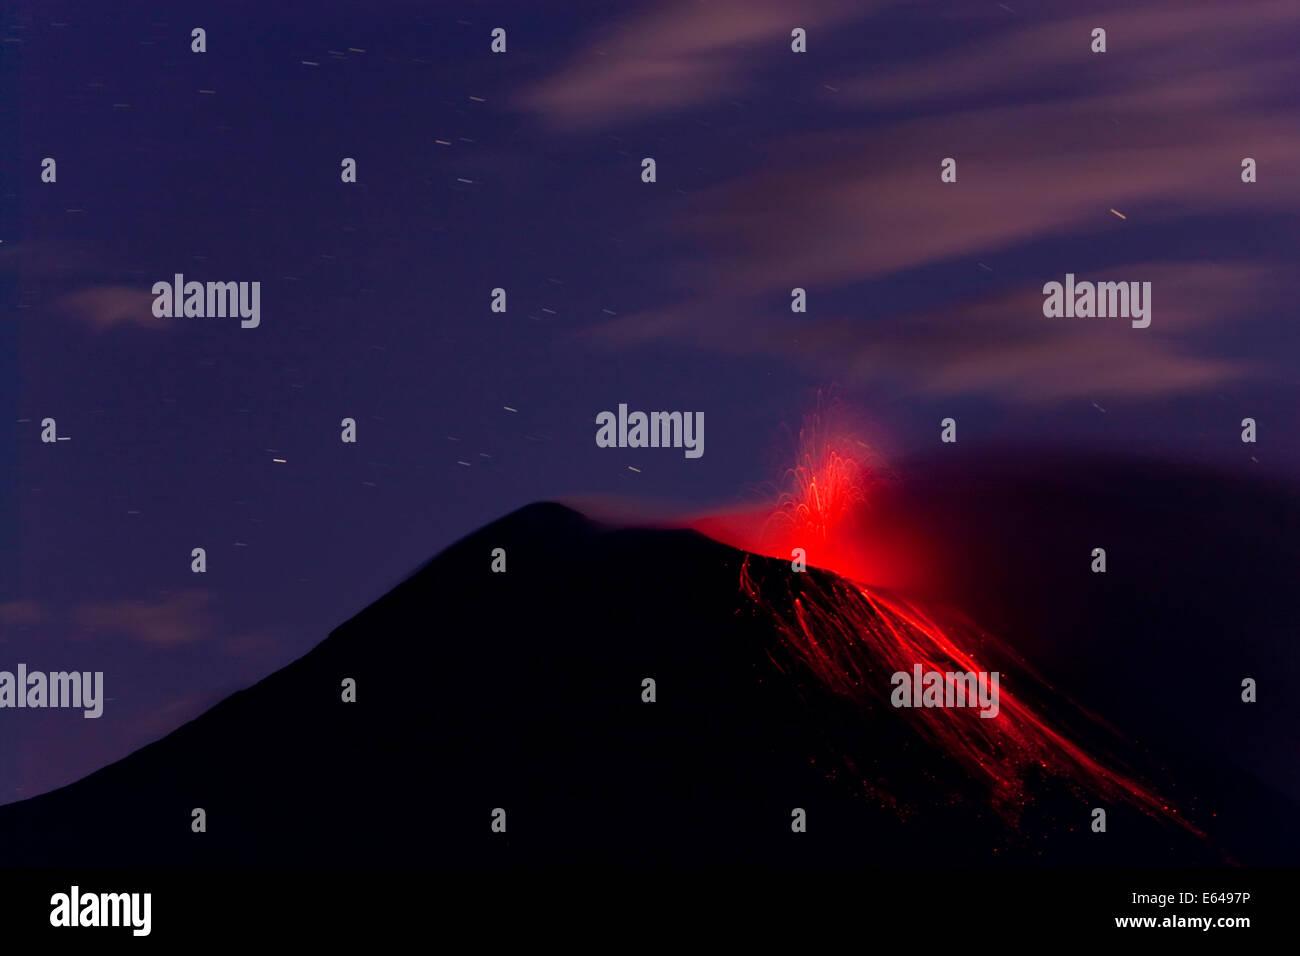 Tungurahua volcano erupting with lava flow, Banos, Ecuador - Stock Image